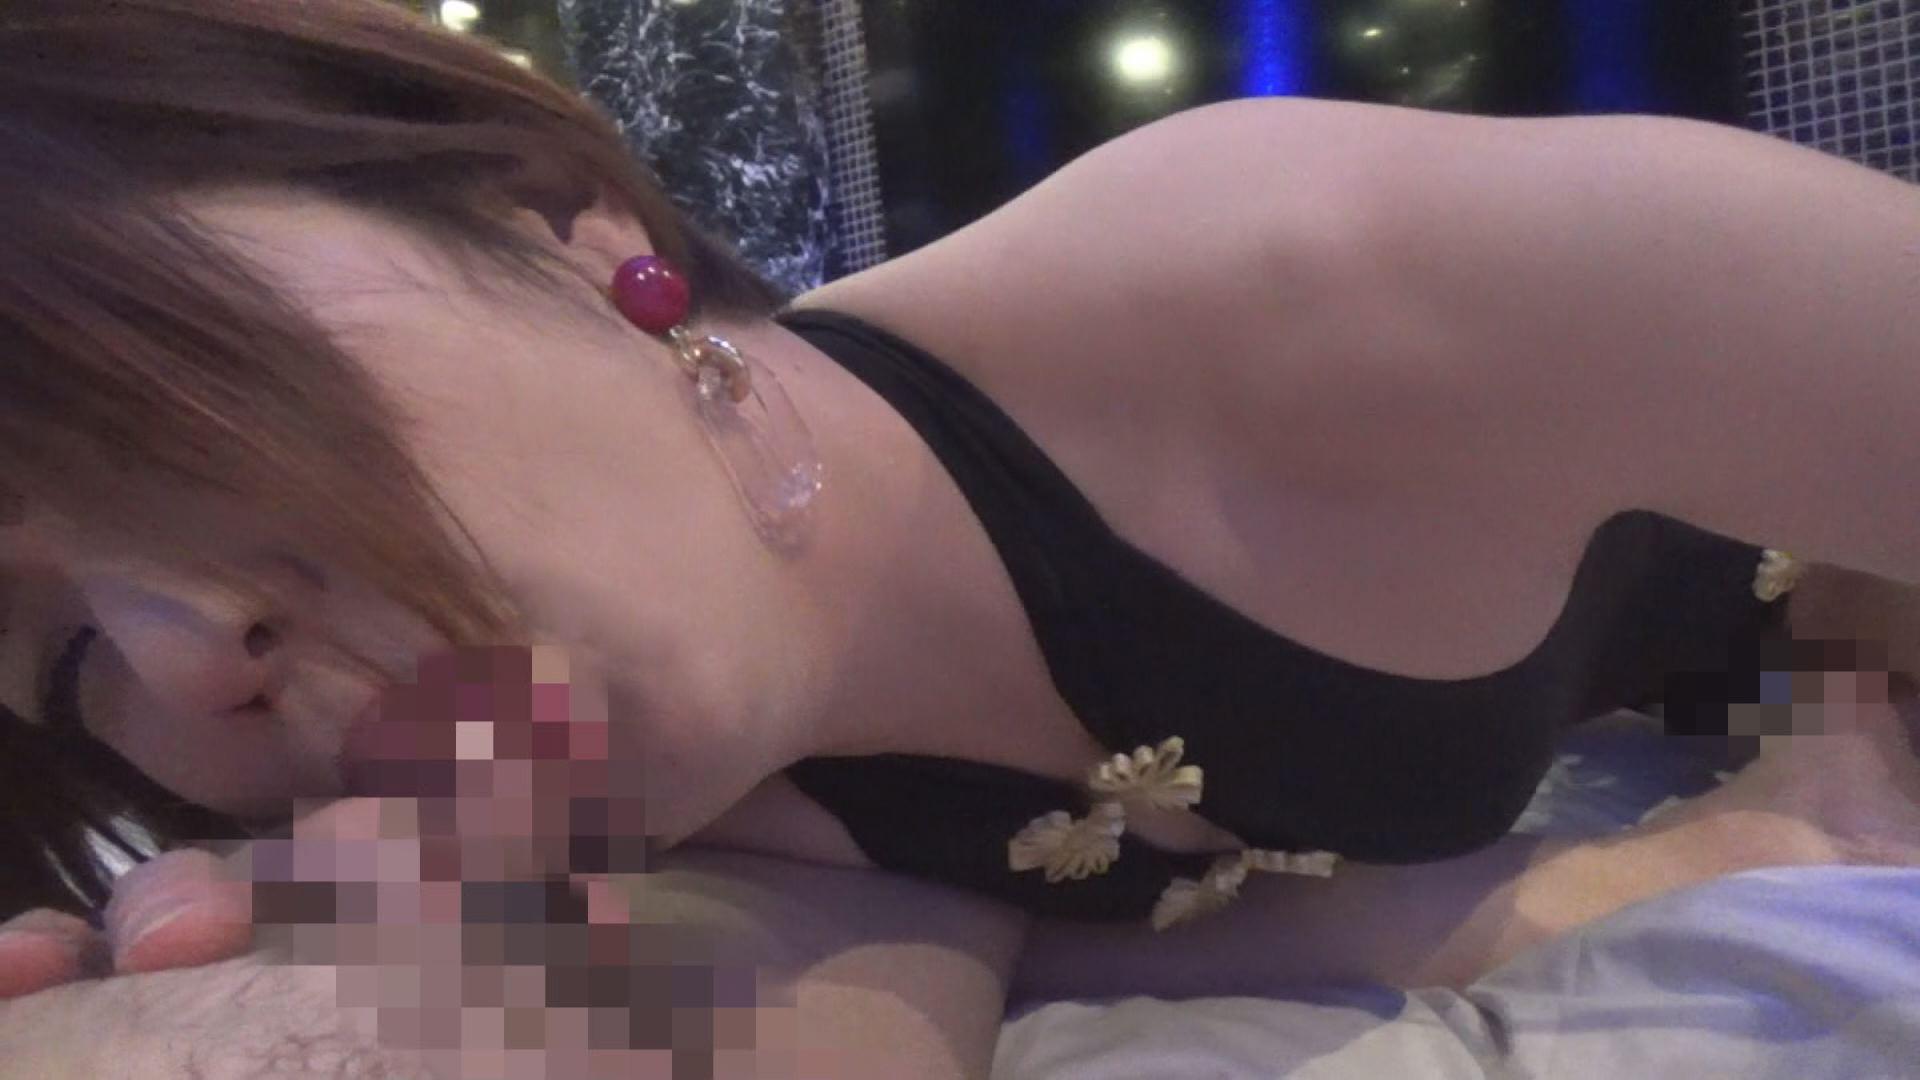 カチクオトコノコ 4 ホルモン美乳愛人飼育【さき】 画像14